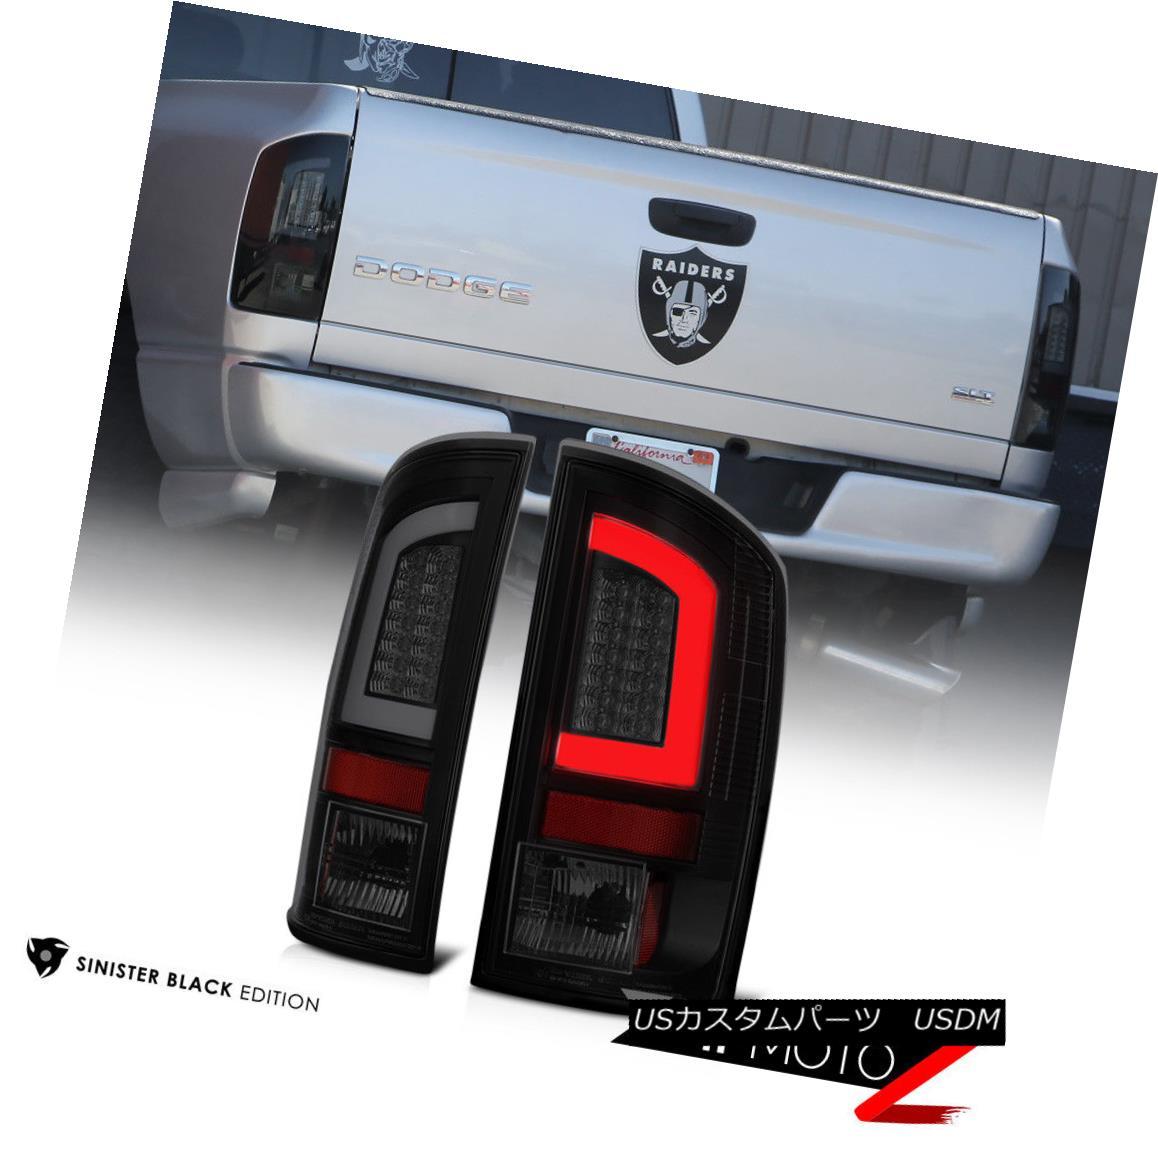 テールライト 02-06 Dodge Ram Black Housing Smoked Lens LED Bar Brake Signal Lamp Tail Light 02-06ダッジラムブラックハウジングスモークレンズLEDバーブレーキ信号ランプテールライト